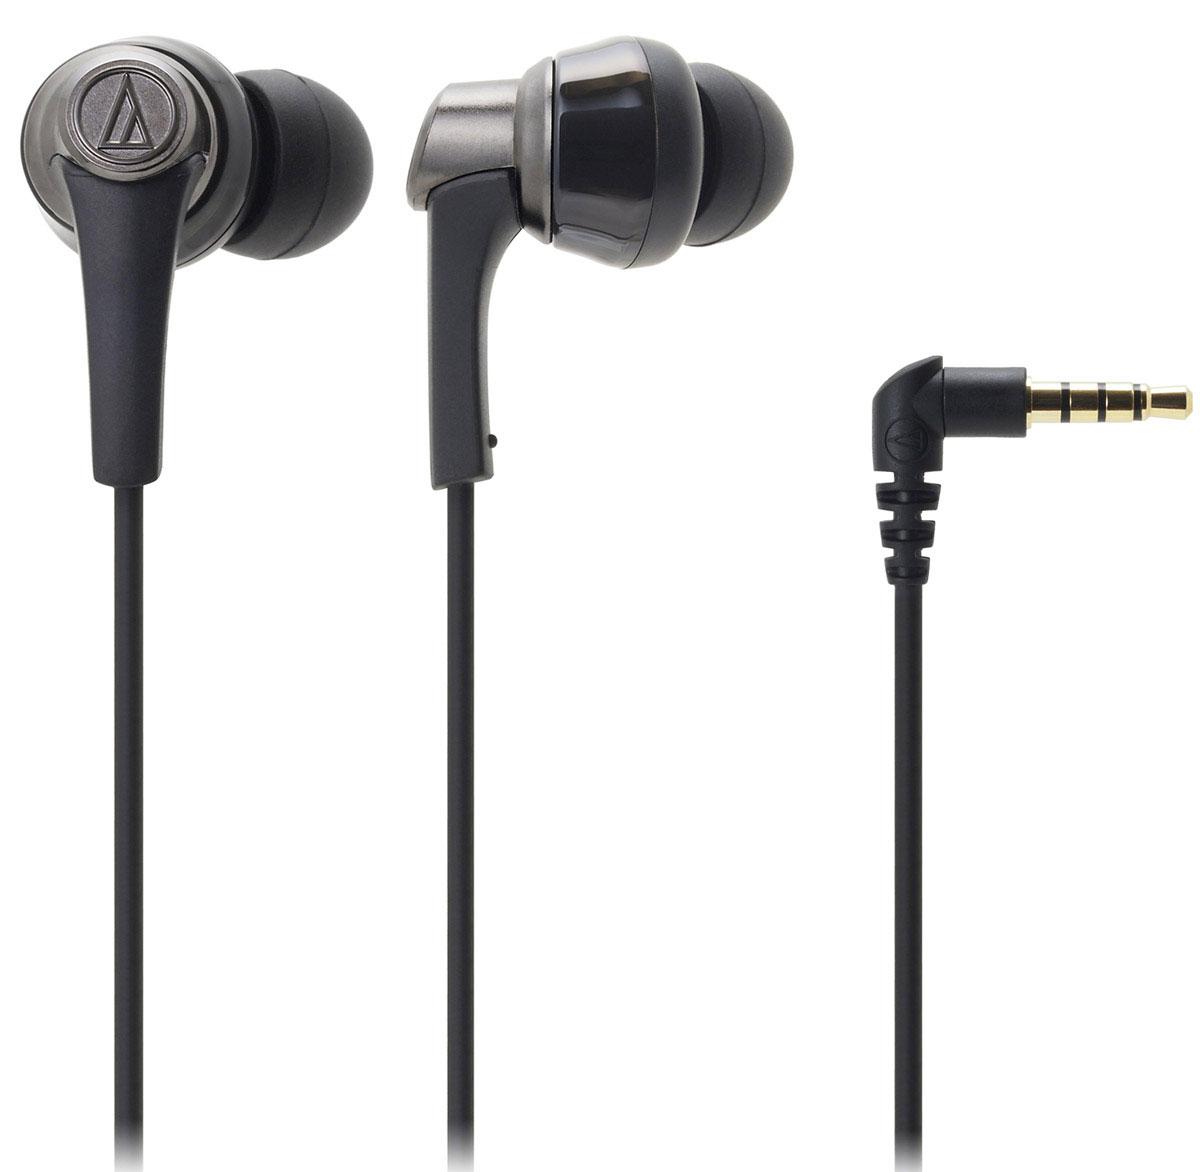 Audio-Technica ATH-CKR5, Black наушники15118237Audio-Technica ATH-CKR5 - вставные наушники премиум-класса с эргономикой высокого уровня и превосходным звучанием. Новейшие 13-мм драйверы качают мощные басы потрясающей глубины и чёткости. Звучание дополнительно оптимизируют специальные латунные стабилизаторы, поглощающие нежелательные вибрации. Эта технология позволяет добиться кристально чистой передачи на средних и высоких частотах. Четыре пары амбушюр разного размера дают возможность выбрать наиболее подходящие, что благоприятно скажется на звуке. Особенности: Вставные наушники премиум-класса Специальный корпус с превосходным креплением 13-мм драйверы, разработанные в 2015 году Глубокий детализированный звук Латунные стабилизаторы вибраций